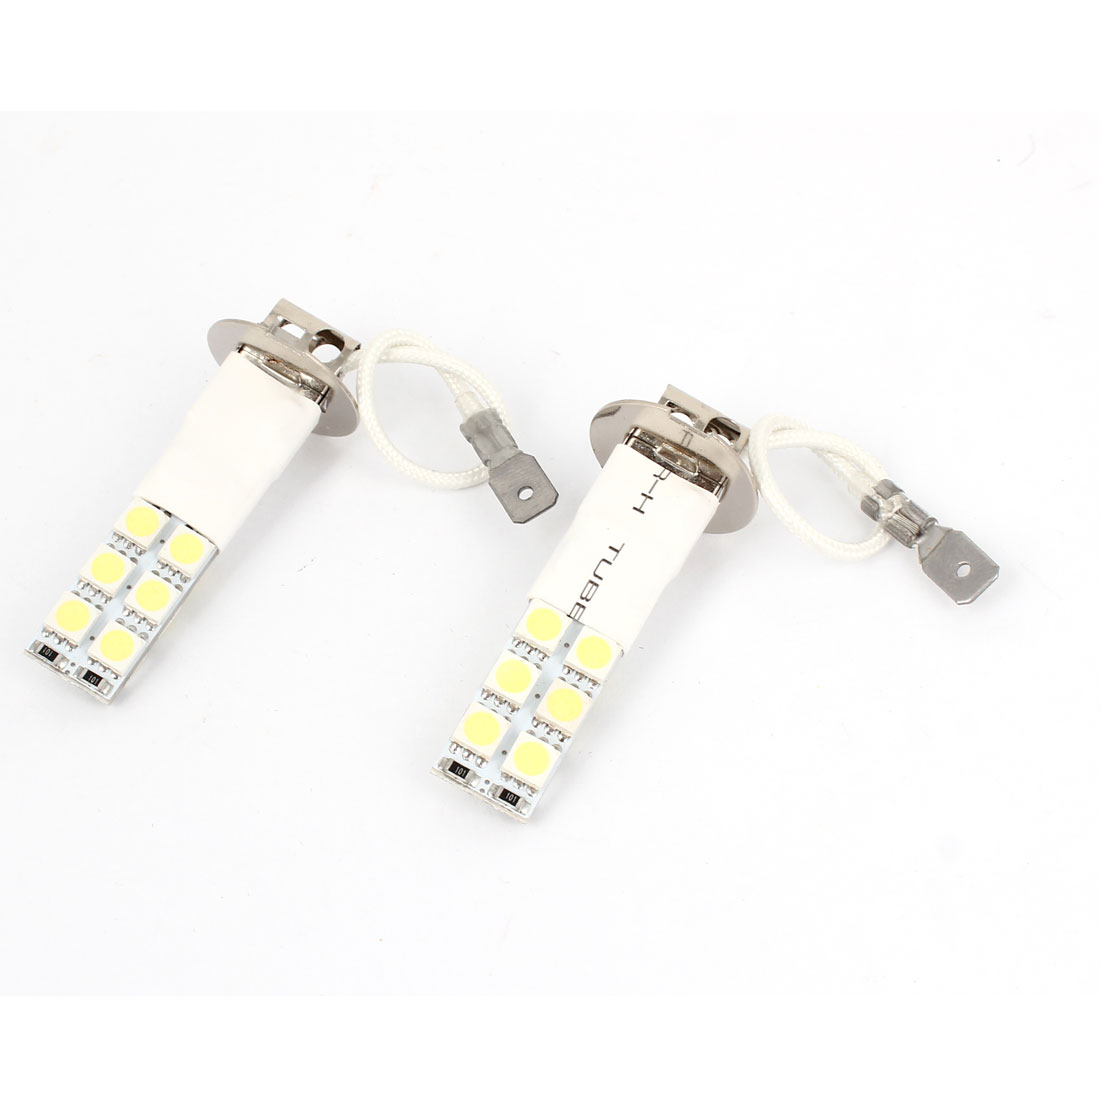 2 Pcs Flash White H3 5050 SMD 12 LED Car Foglight Driving Light Bulb Lamp